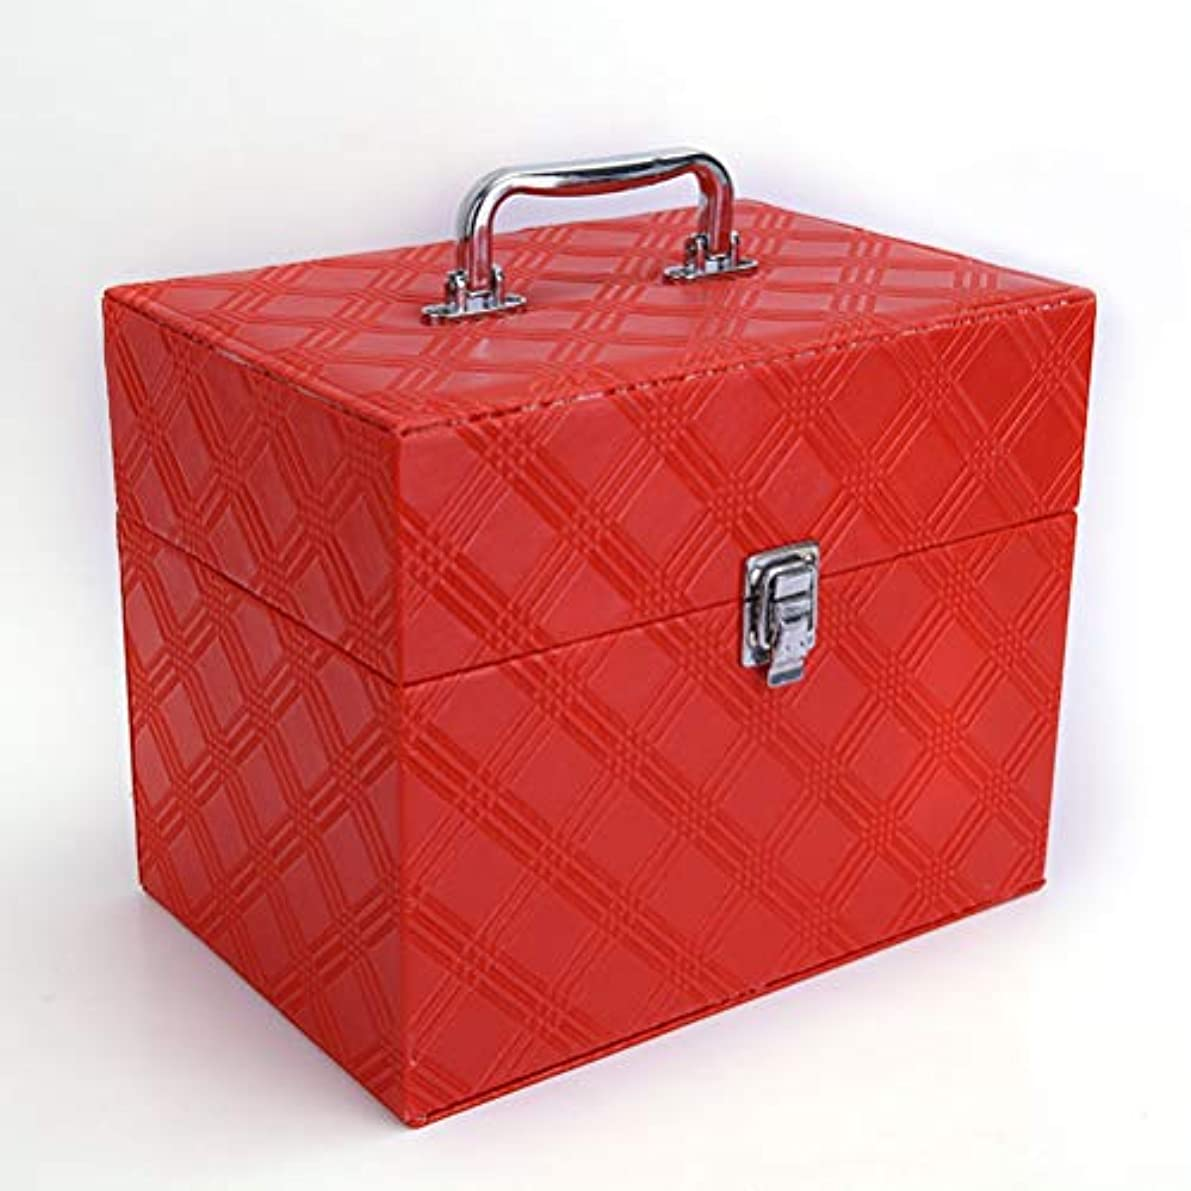 つなぐ壊滅的なパズルメイクボックス コスメボックス 化粧品入れ 化粧箱 大容量 プロ用 ミラ付き 化粧道具入れ 収納ケース 防水 小物入れ 自宅?出張?旅行 持ち運び ハンドル付き 収納ボックス ロック付き 安全